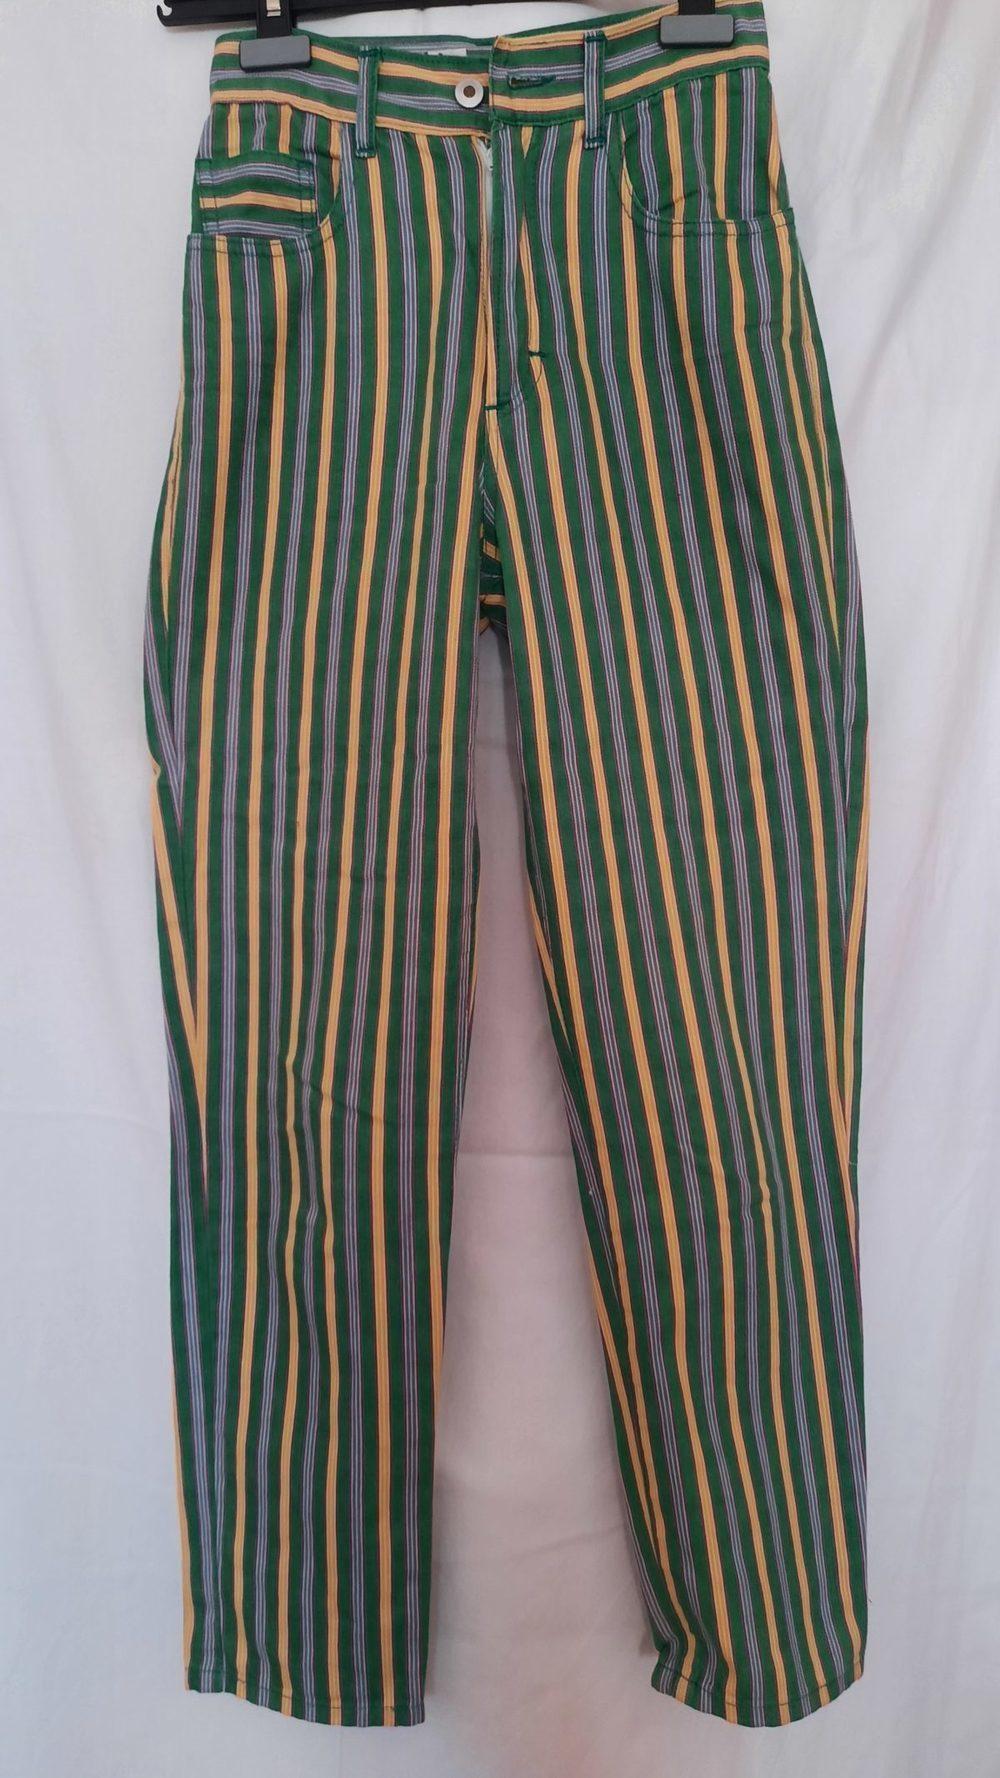 Calças vintage às riscas verdes, amarelas, roxo e cinzentas. 3